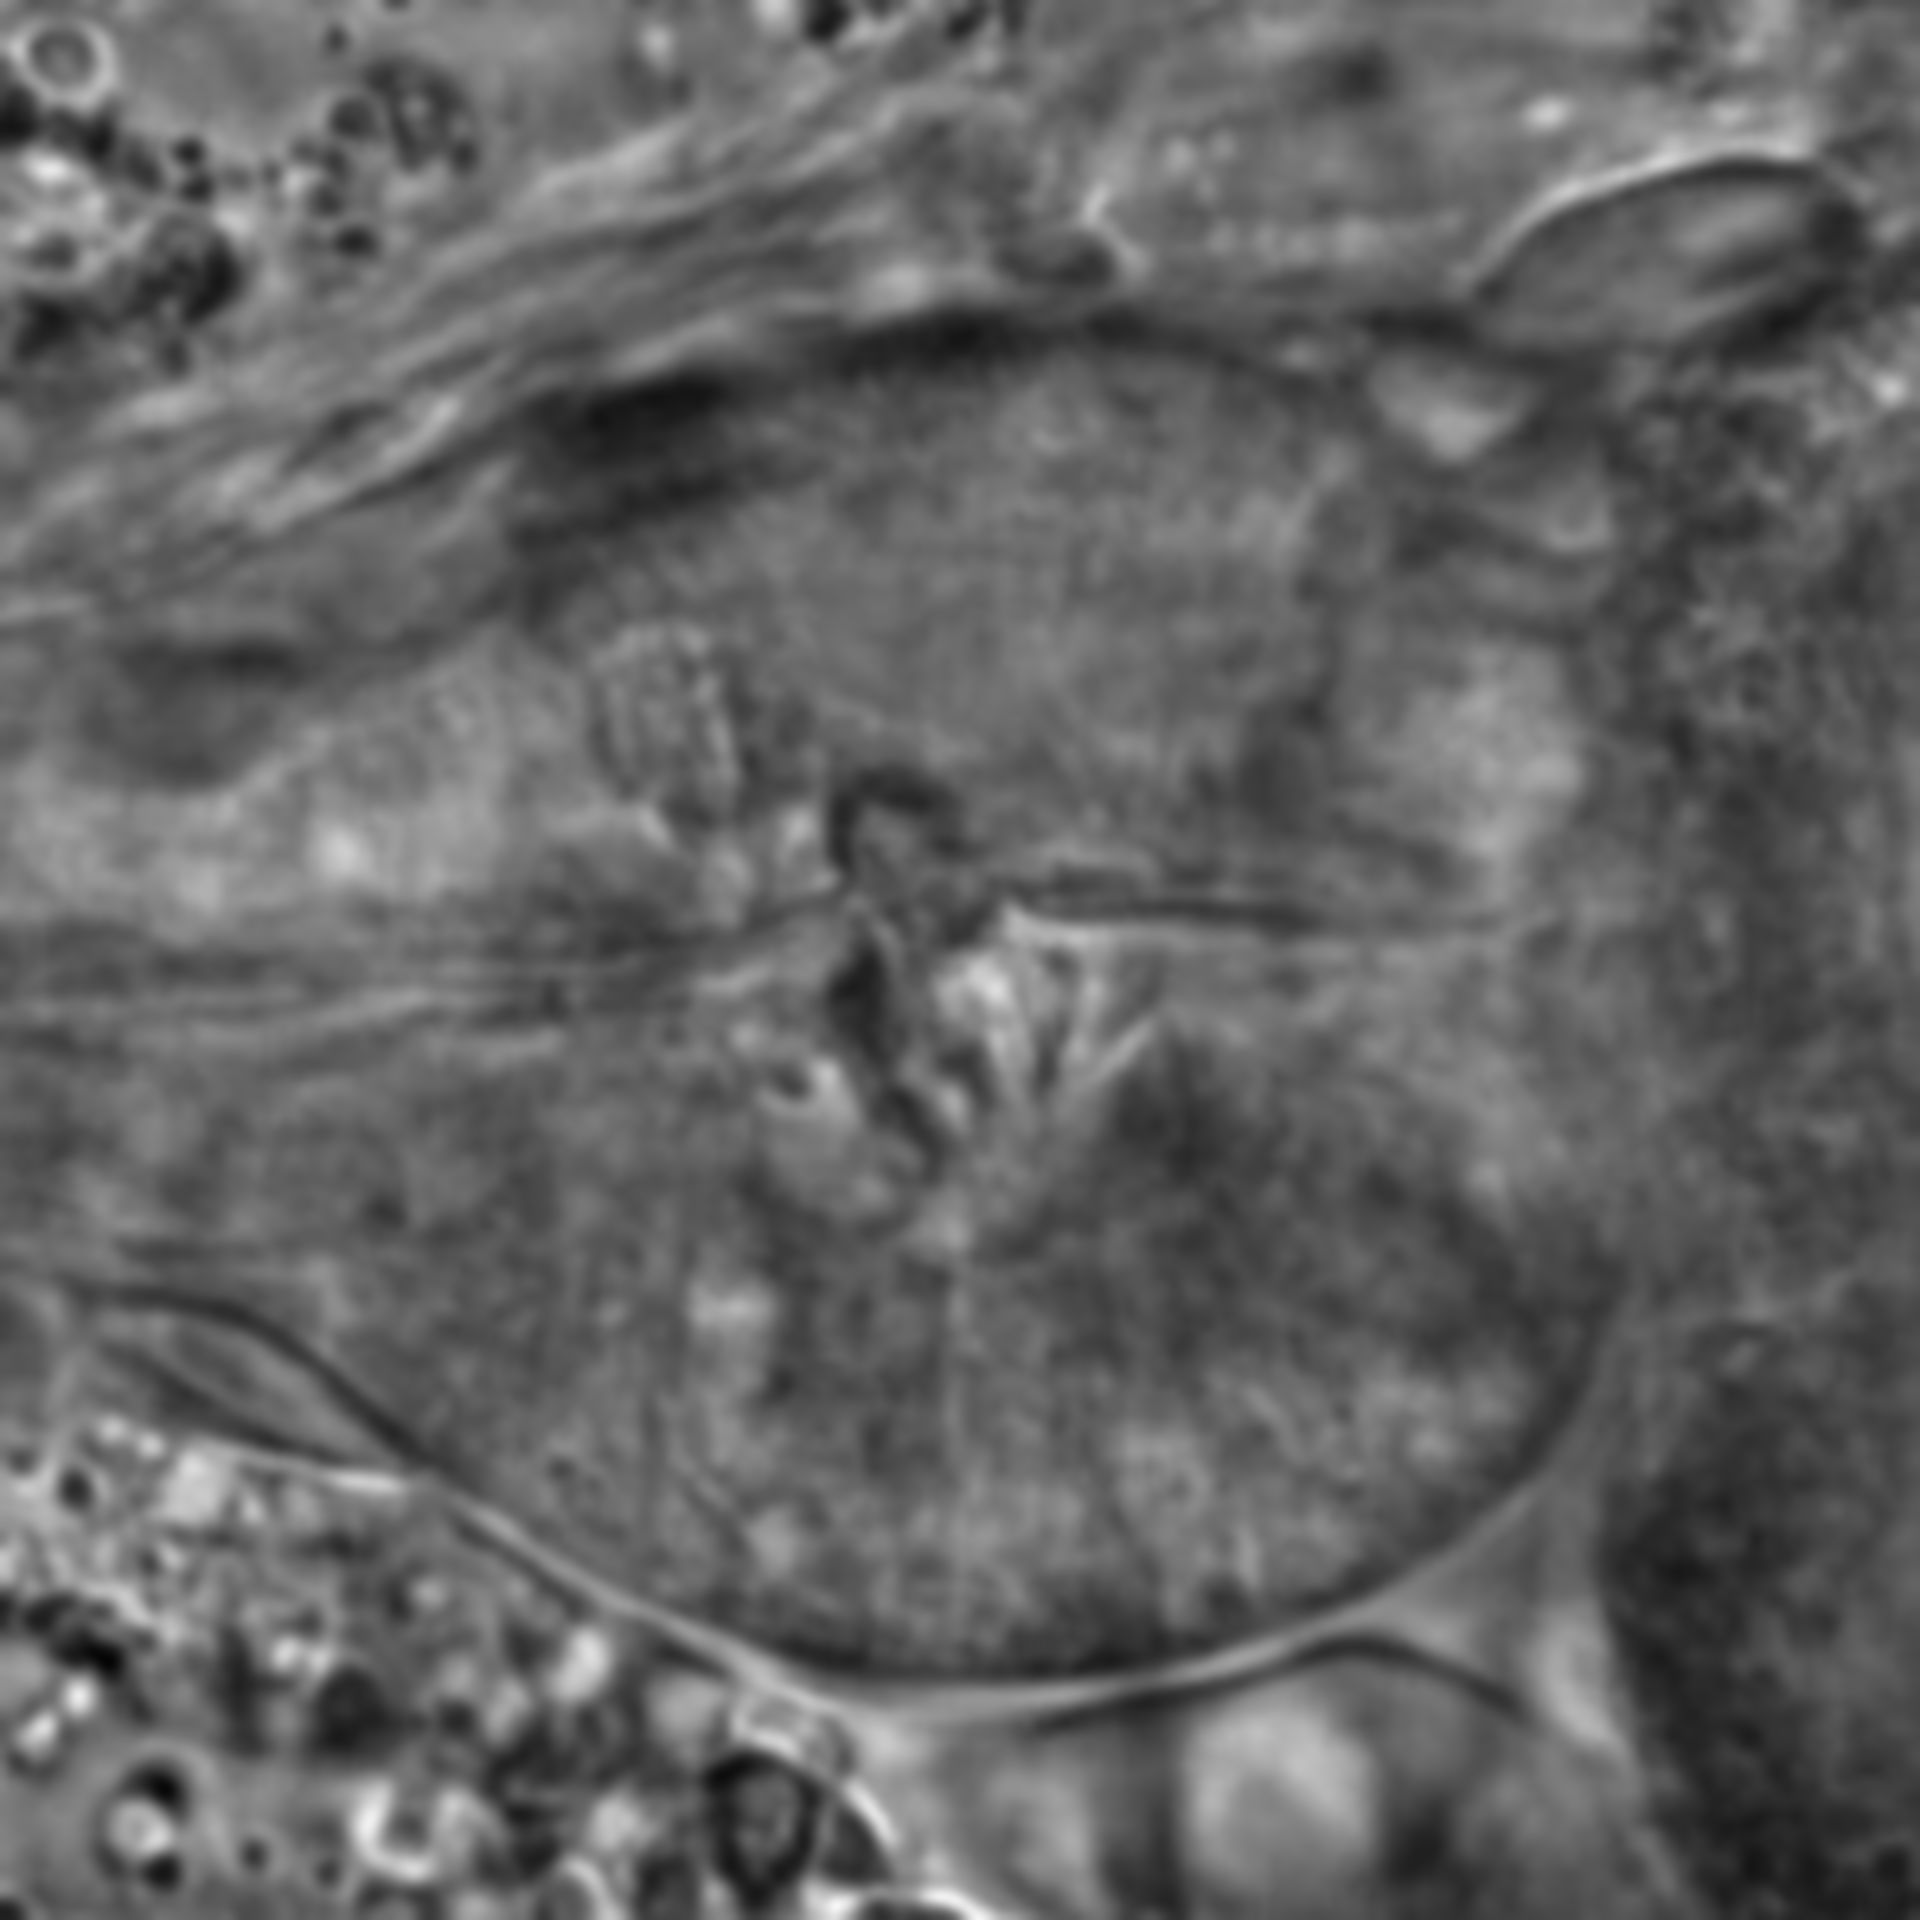 Caenorhabditis elegans - CIL:1764